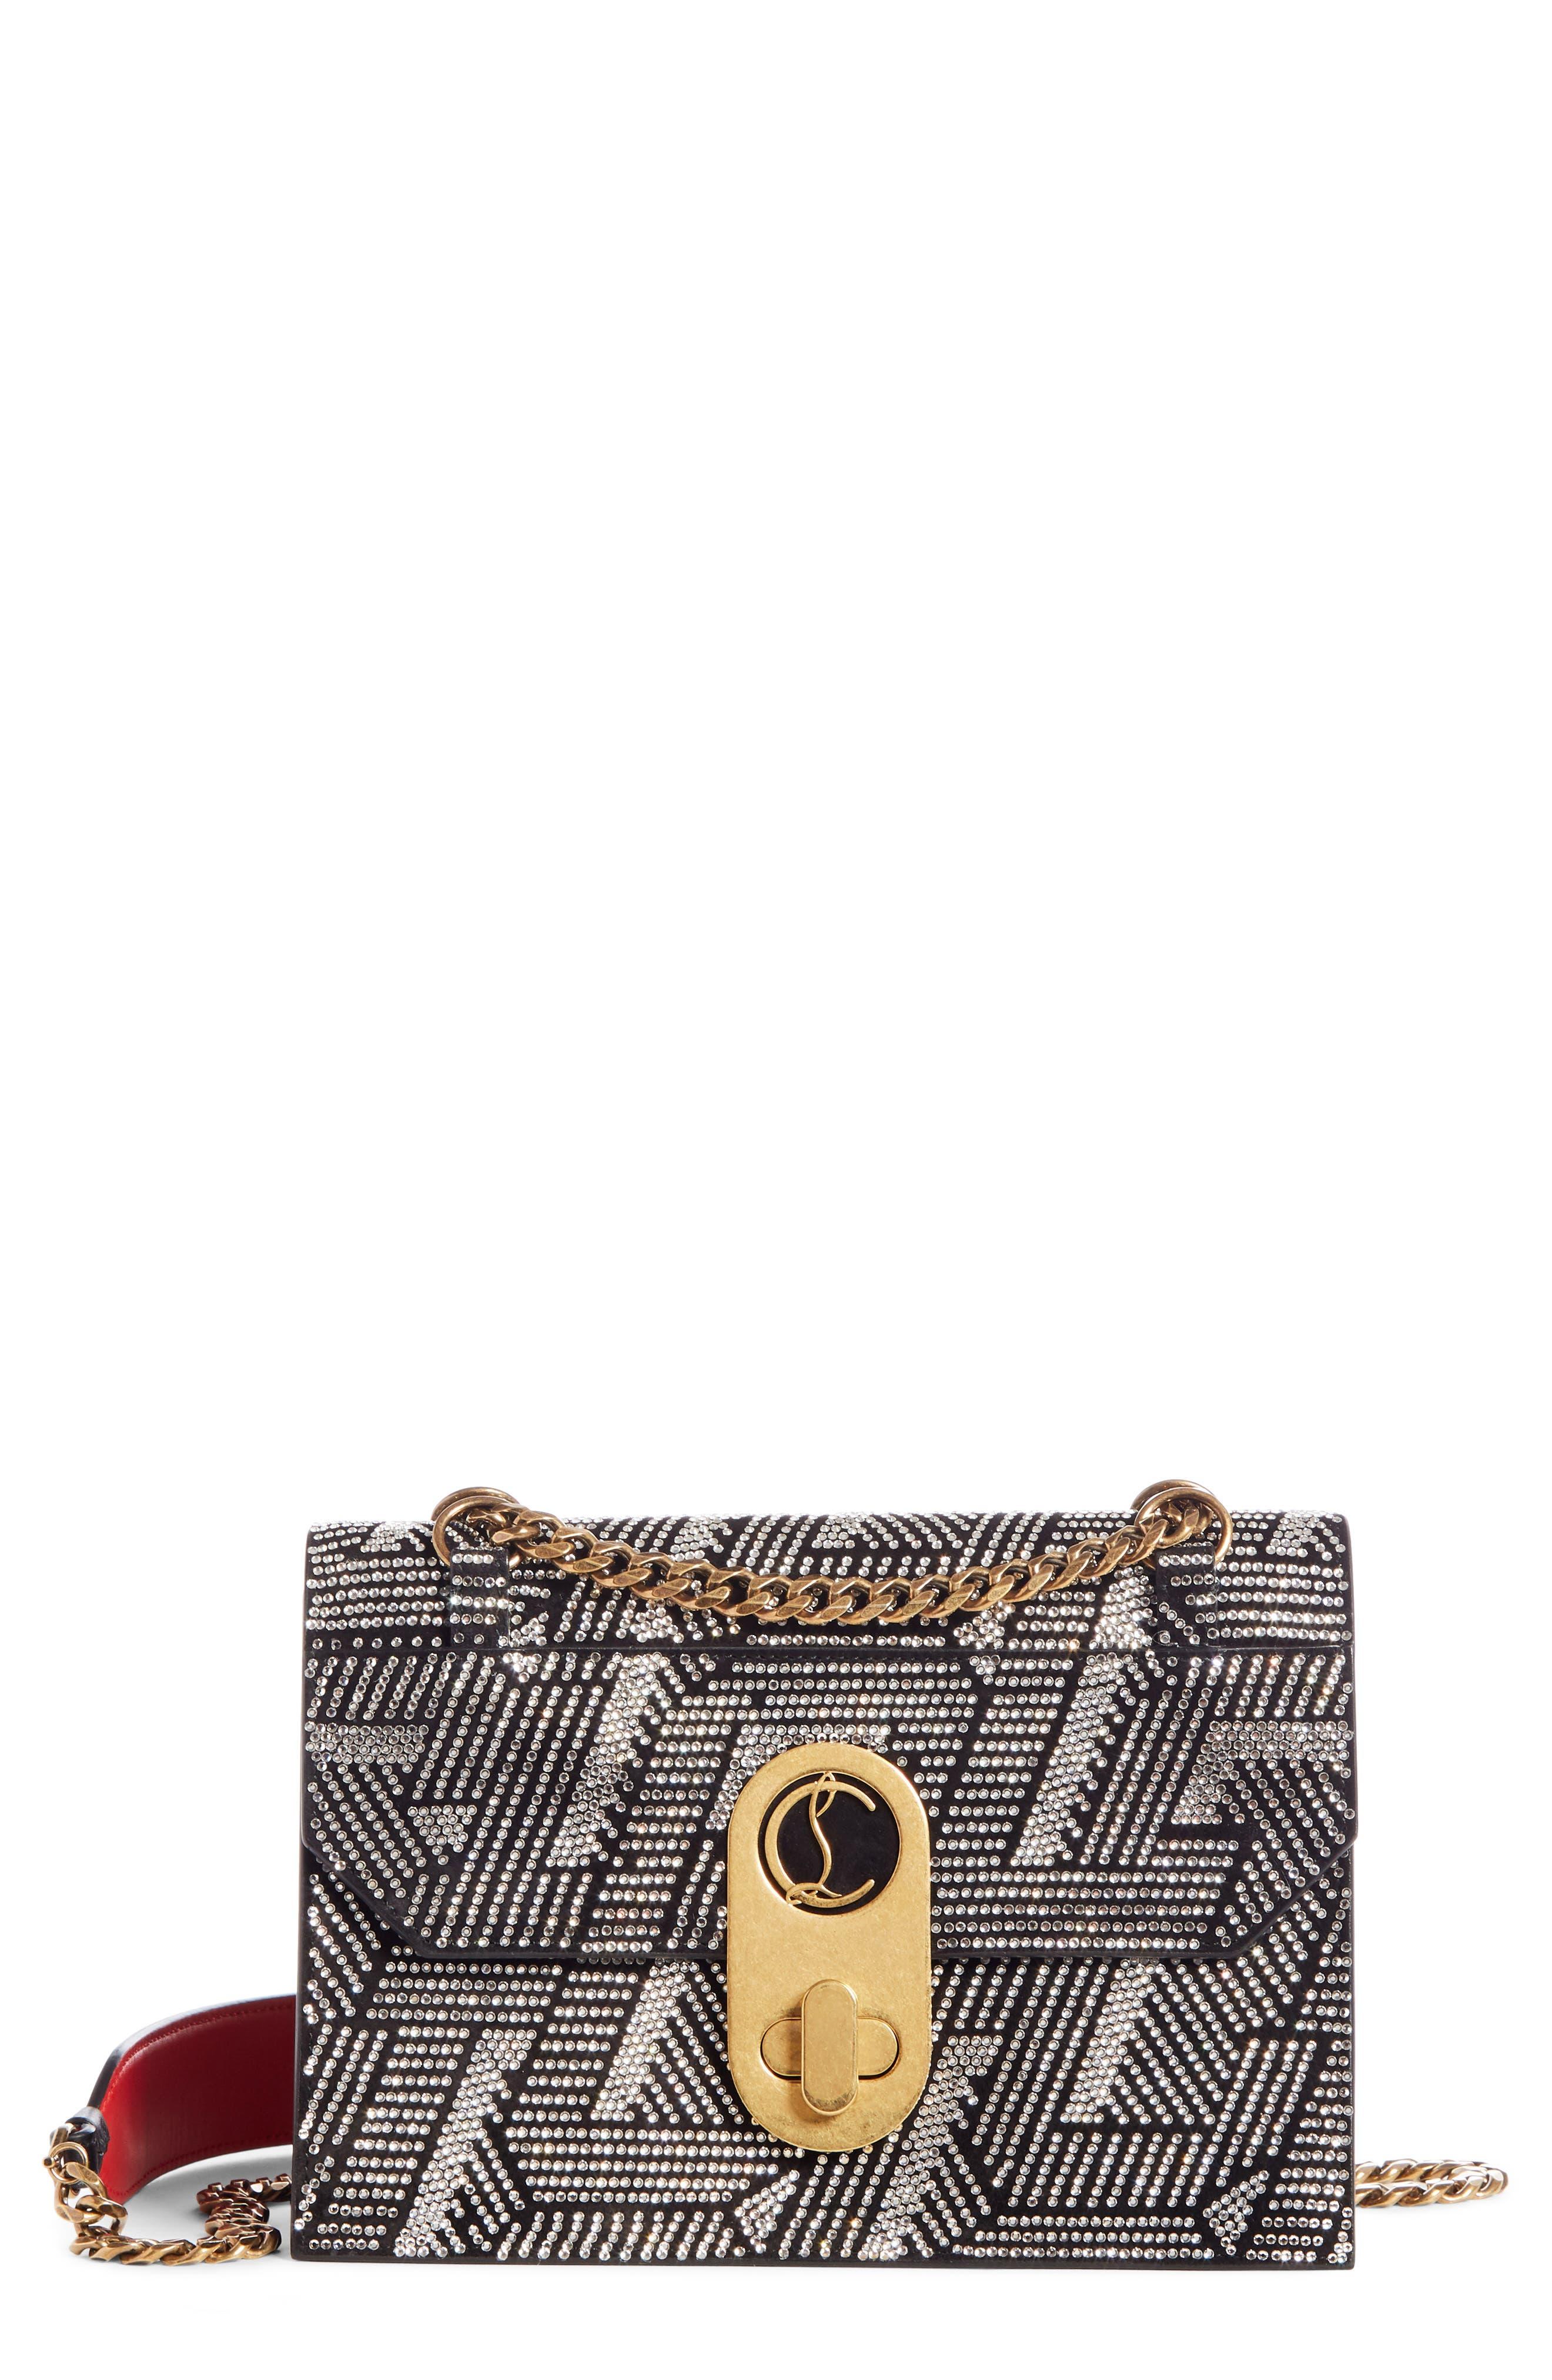 Women's Christian Louboutin Handbags